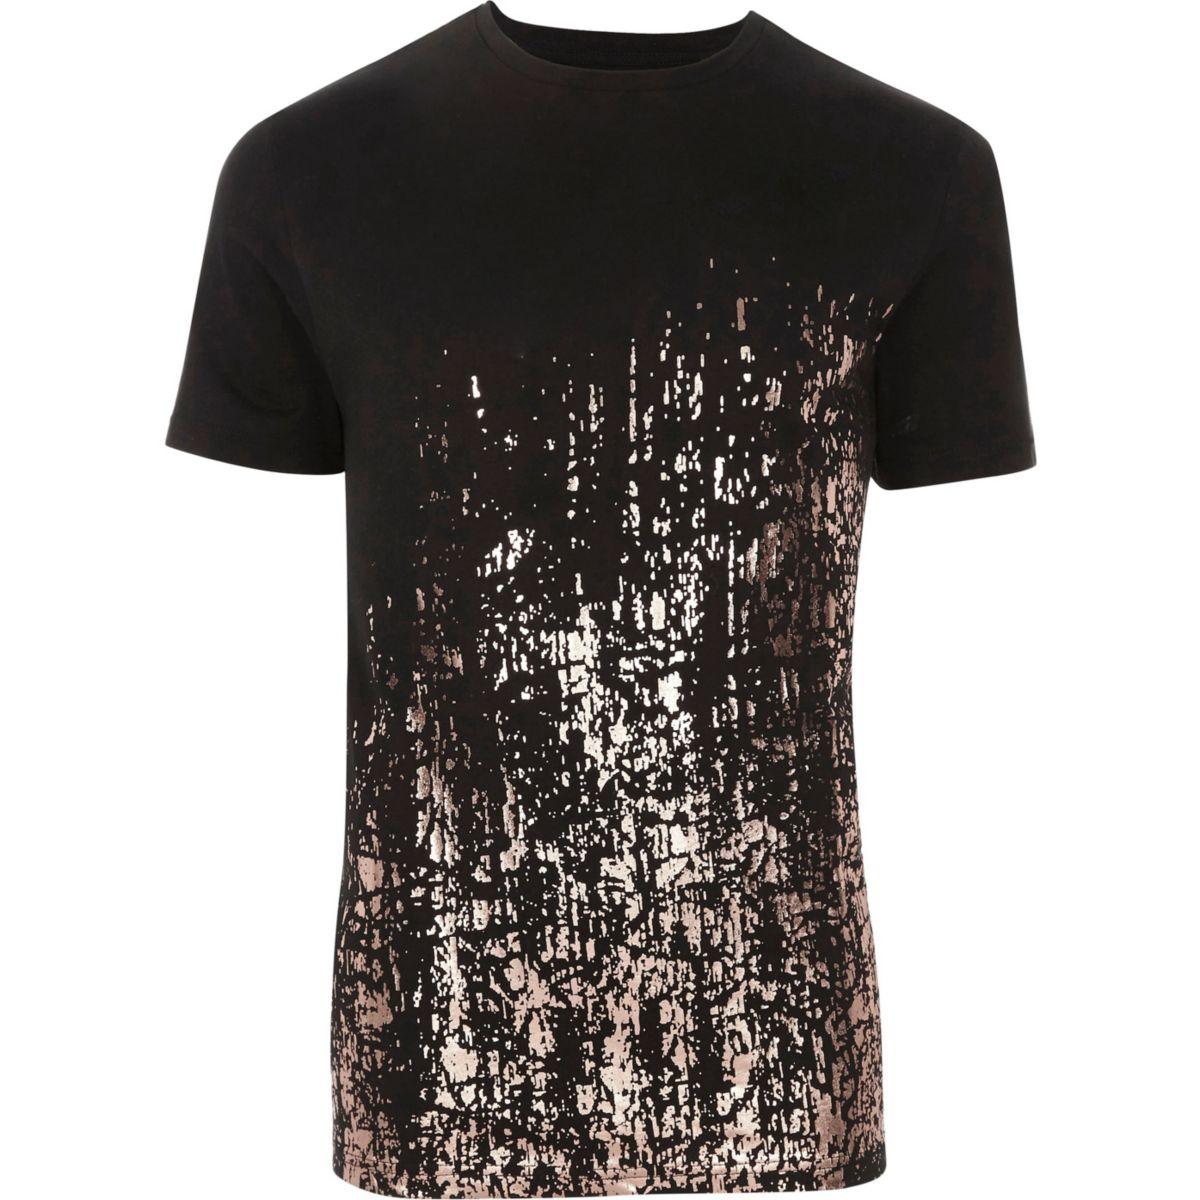 T-shirt slim noir métallisé motif éclaboussures à l'ourlet